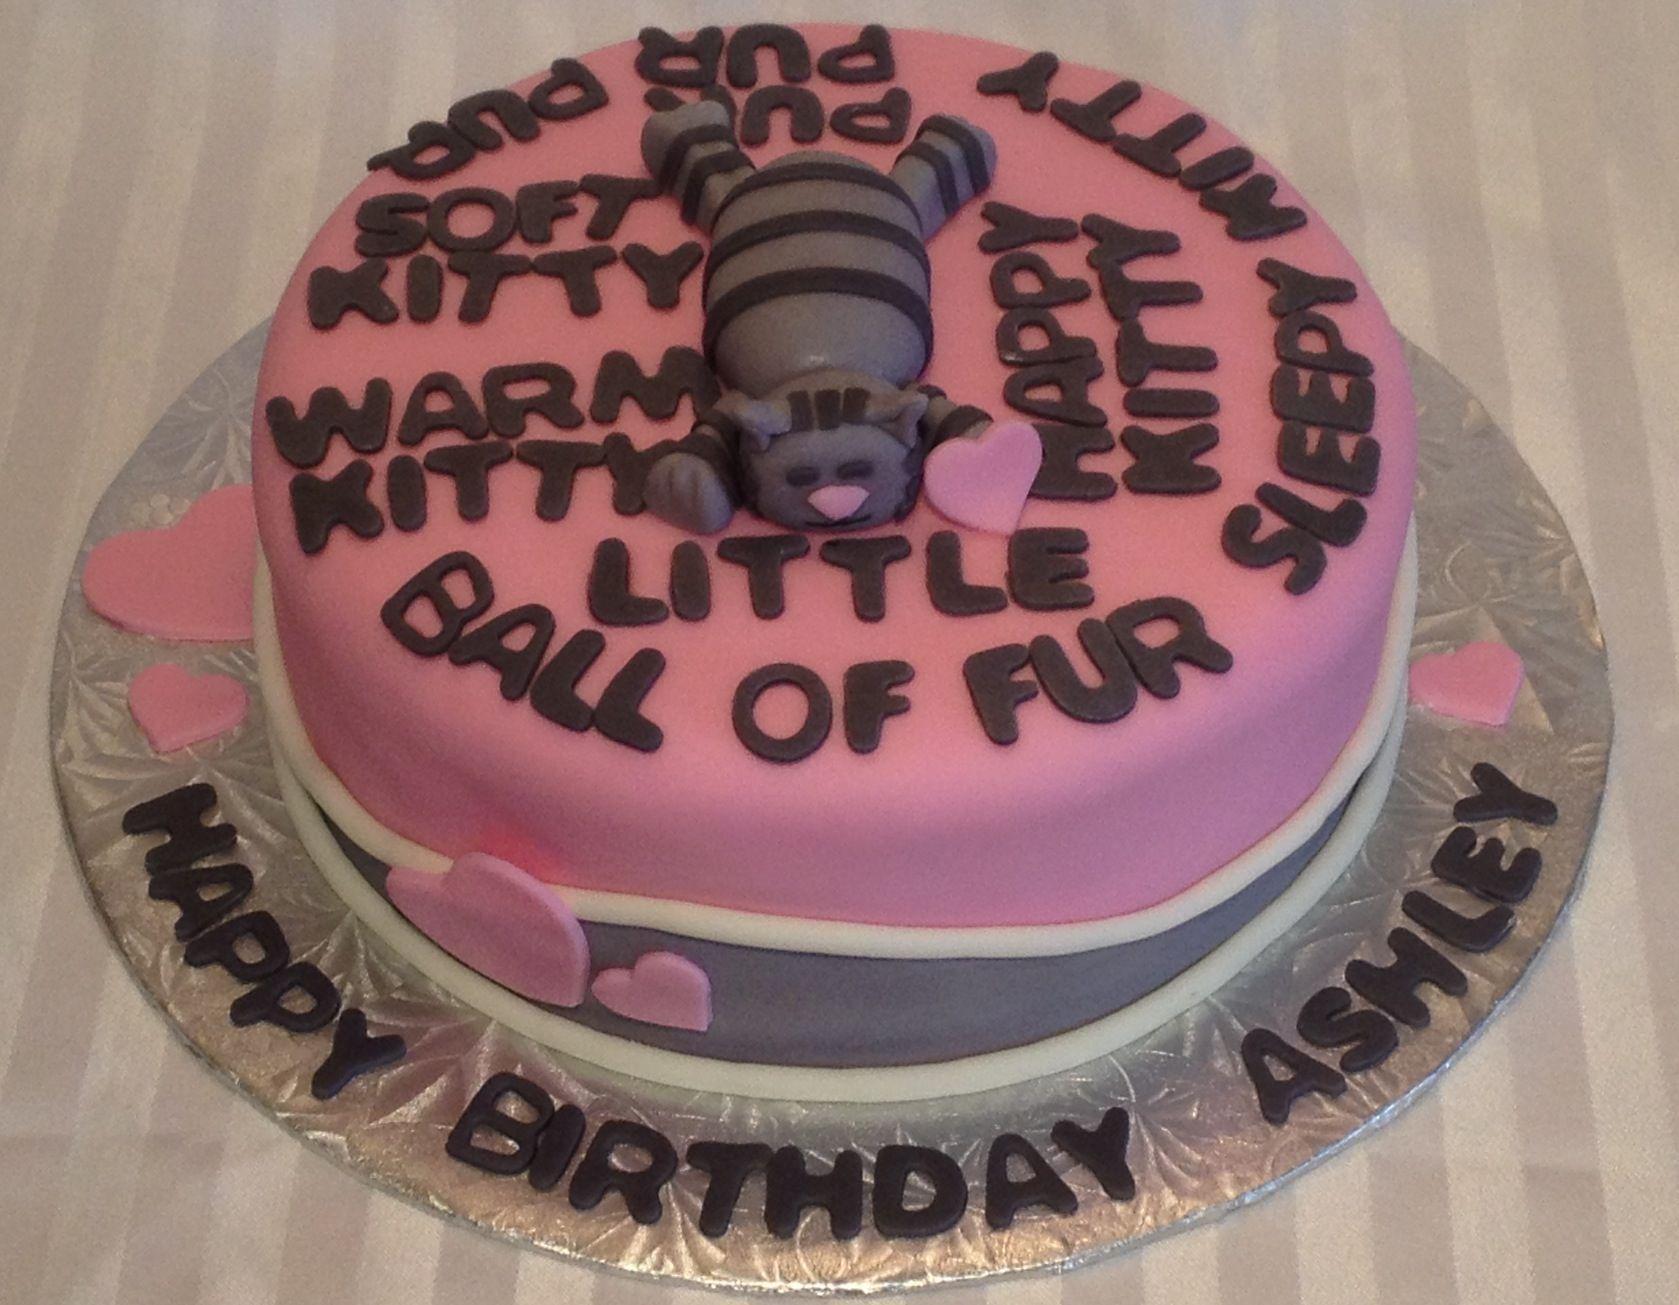 20++ Big y cakes meriden ct ideas